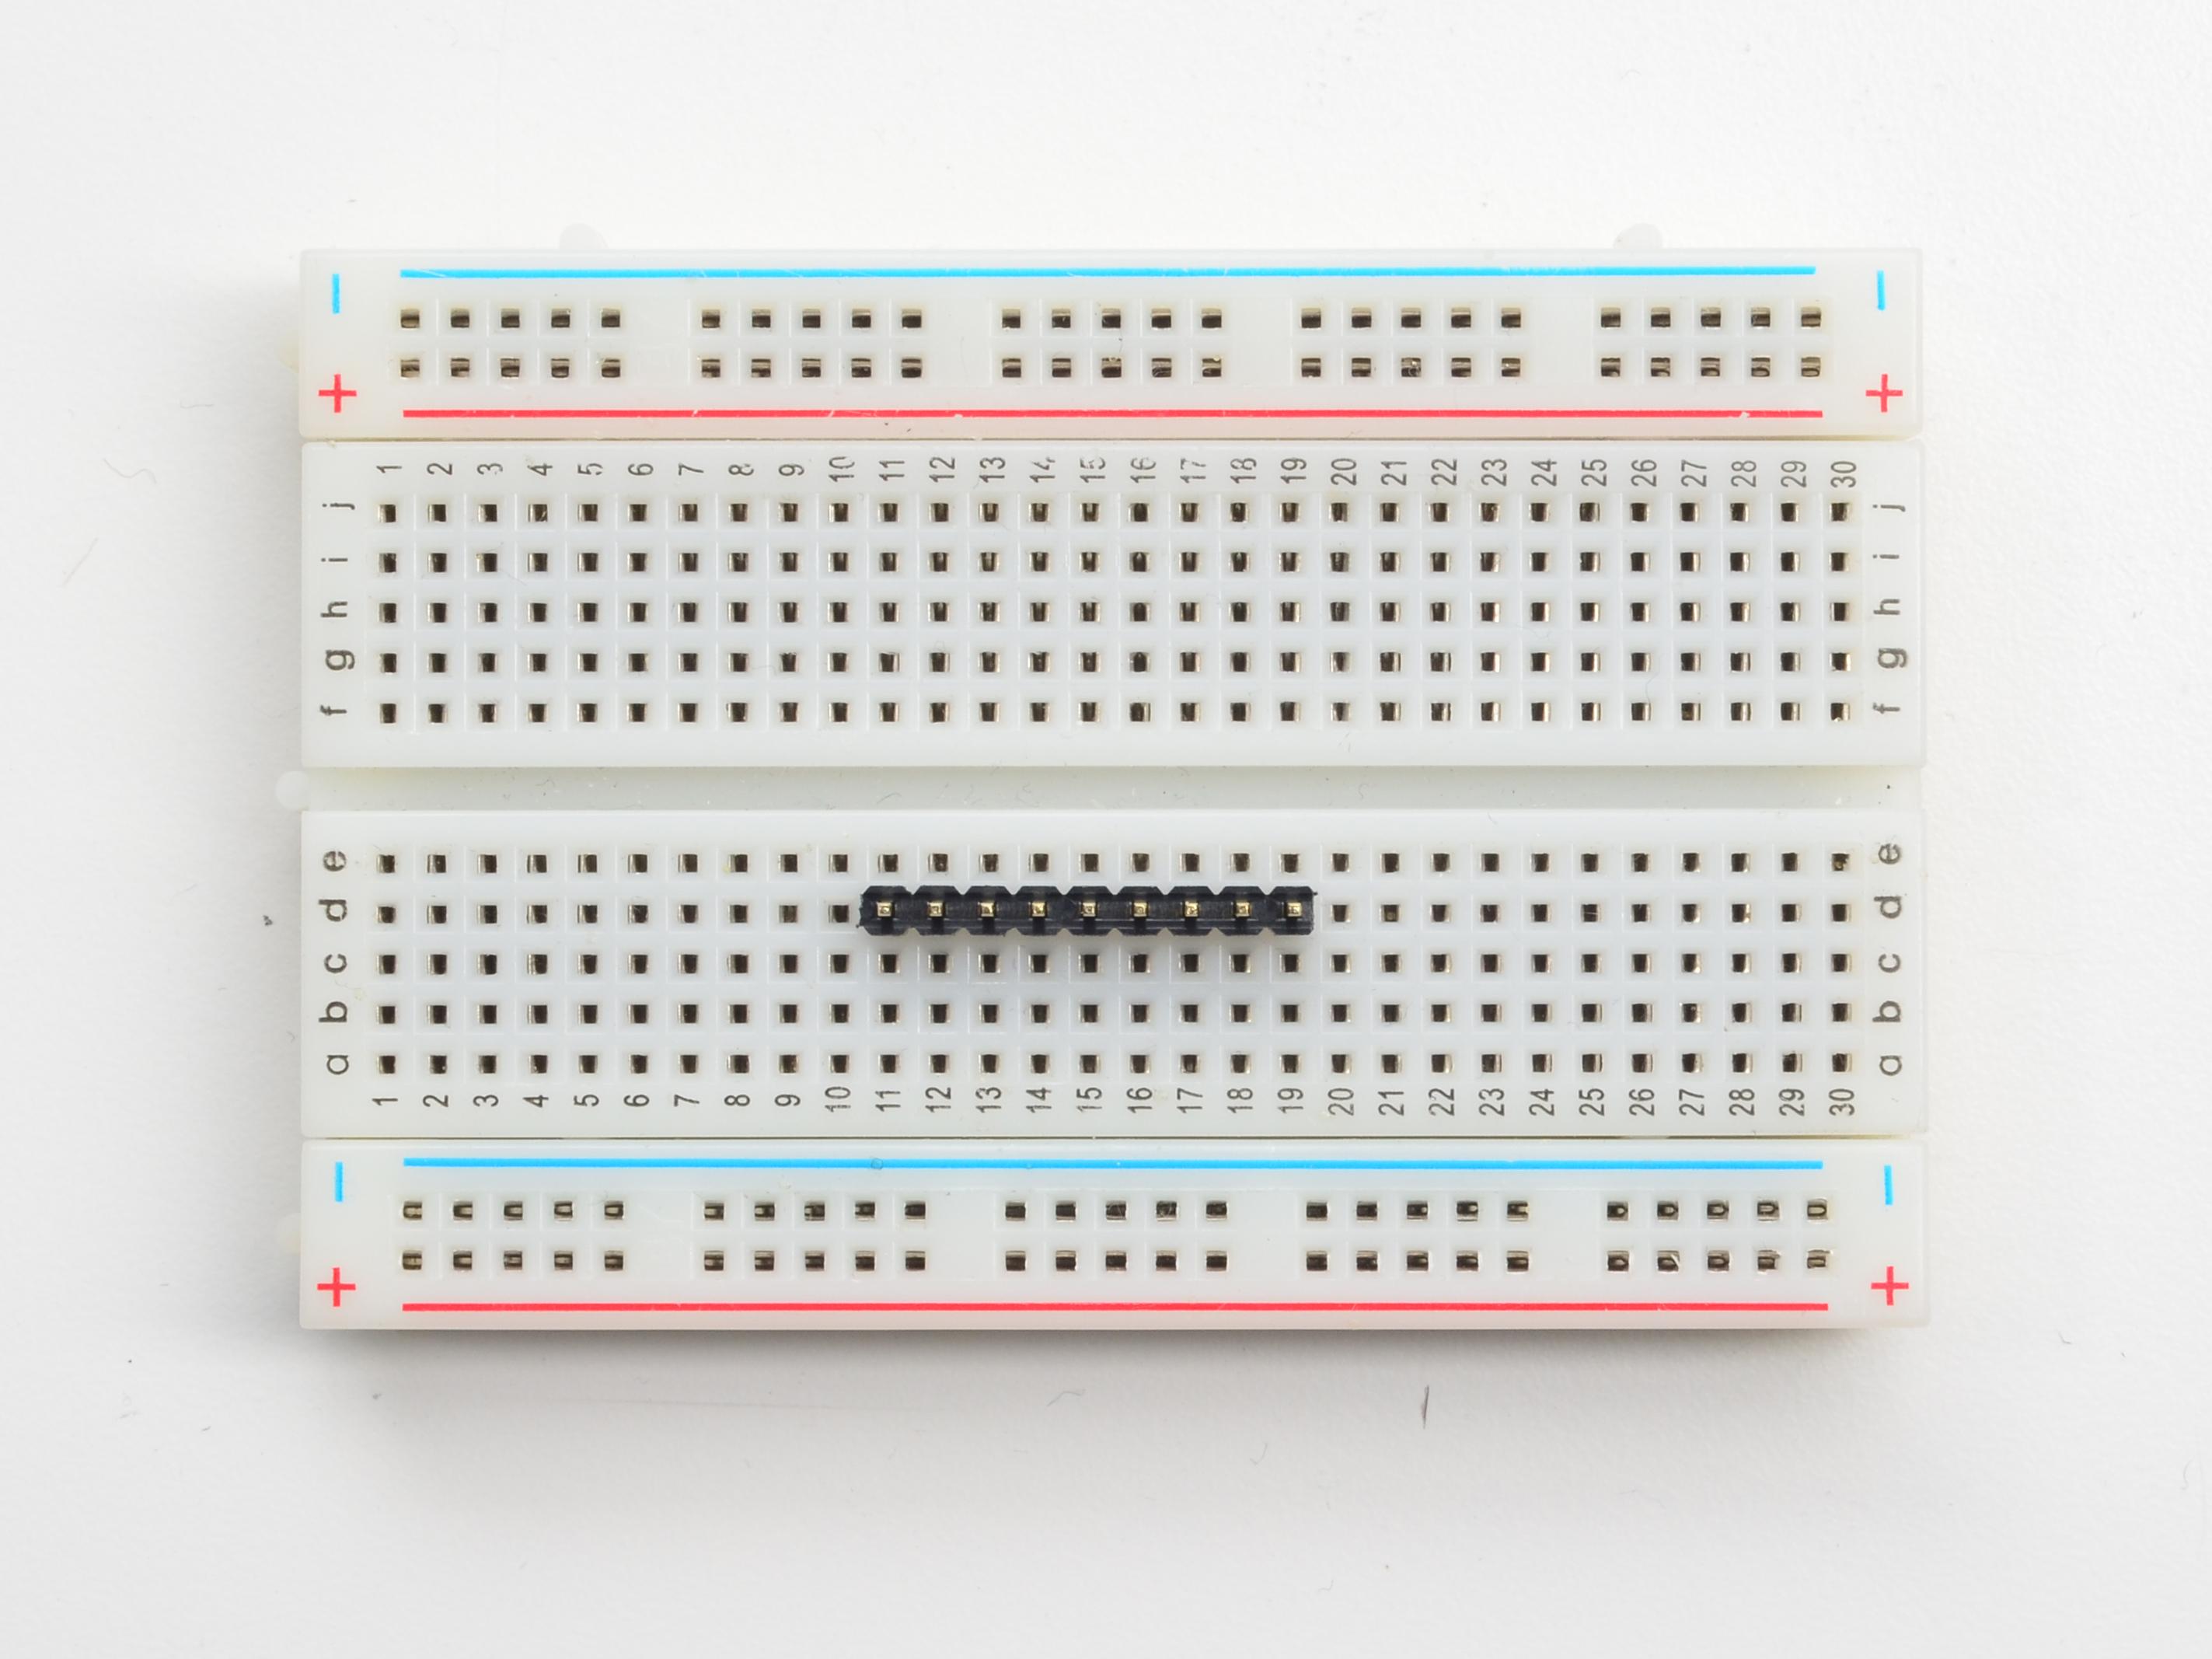 sensors_DSC_3395.jpg